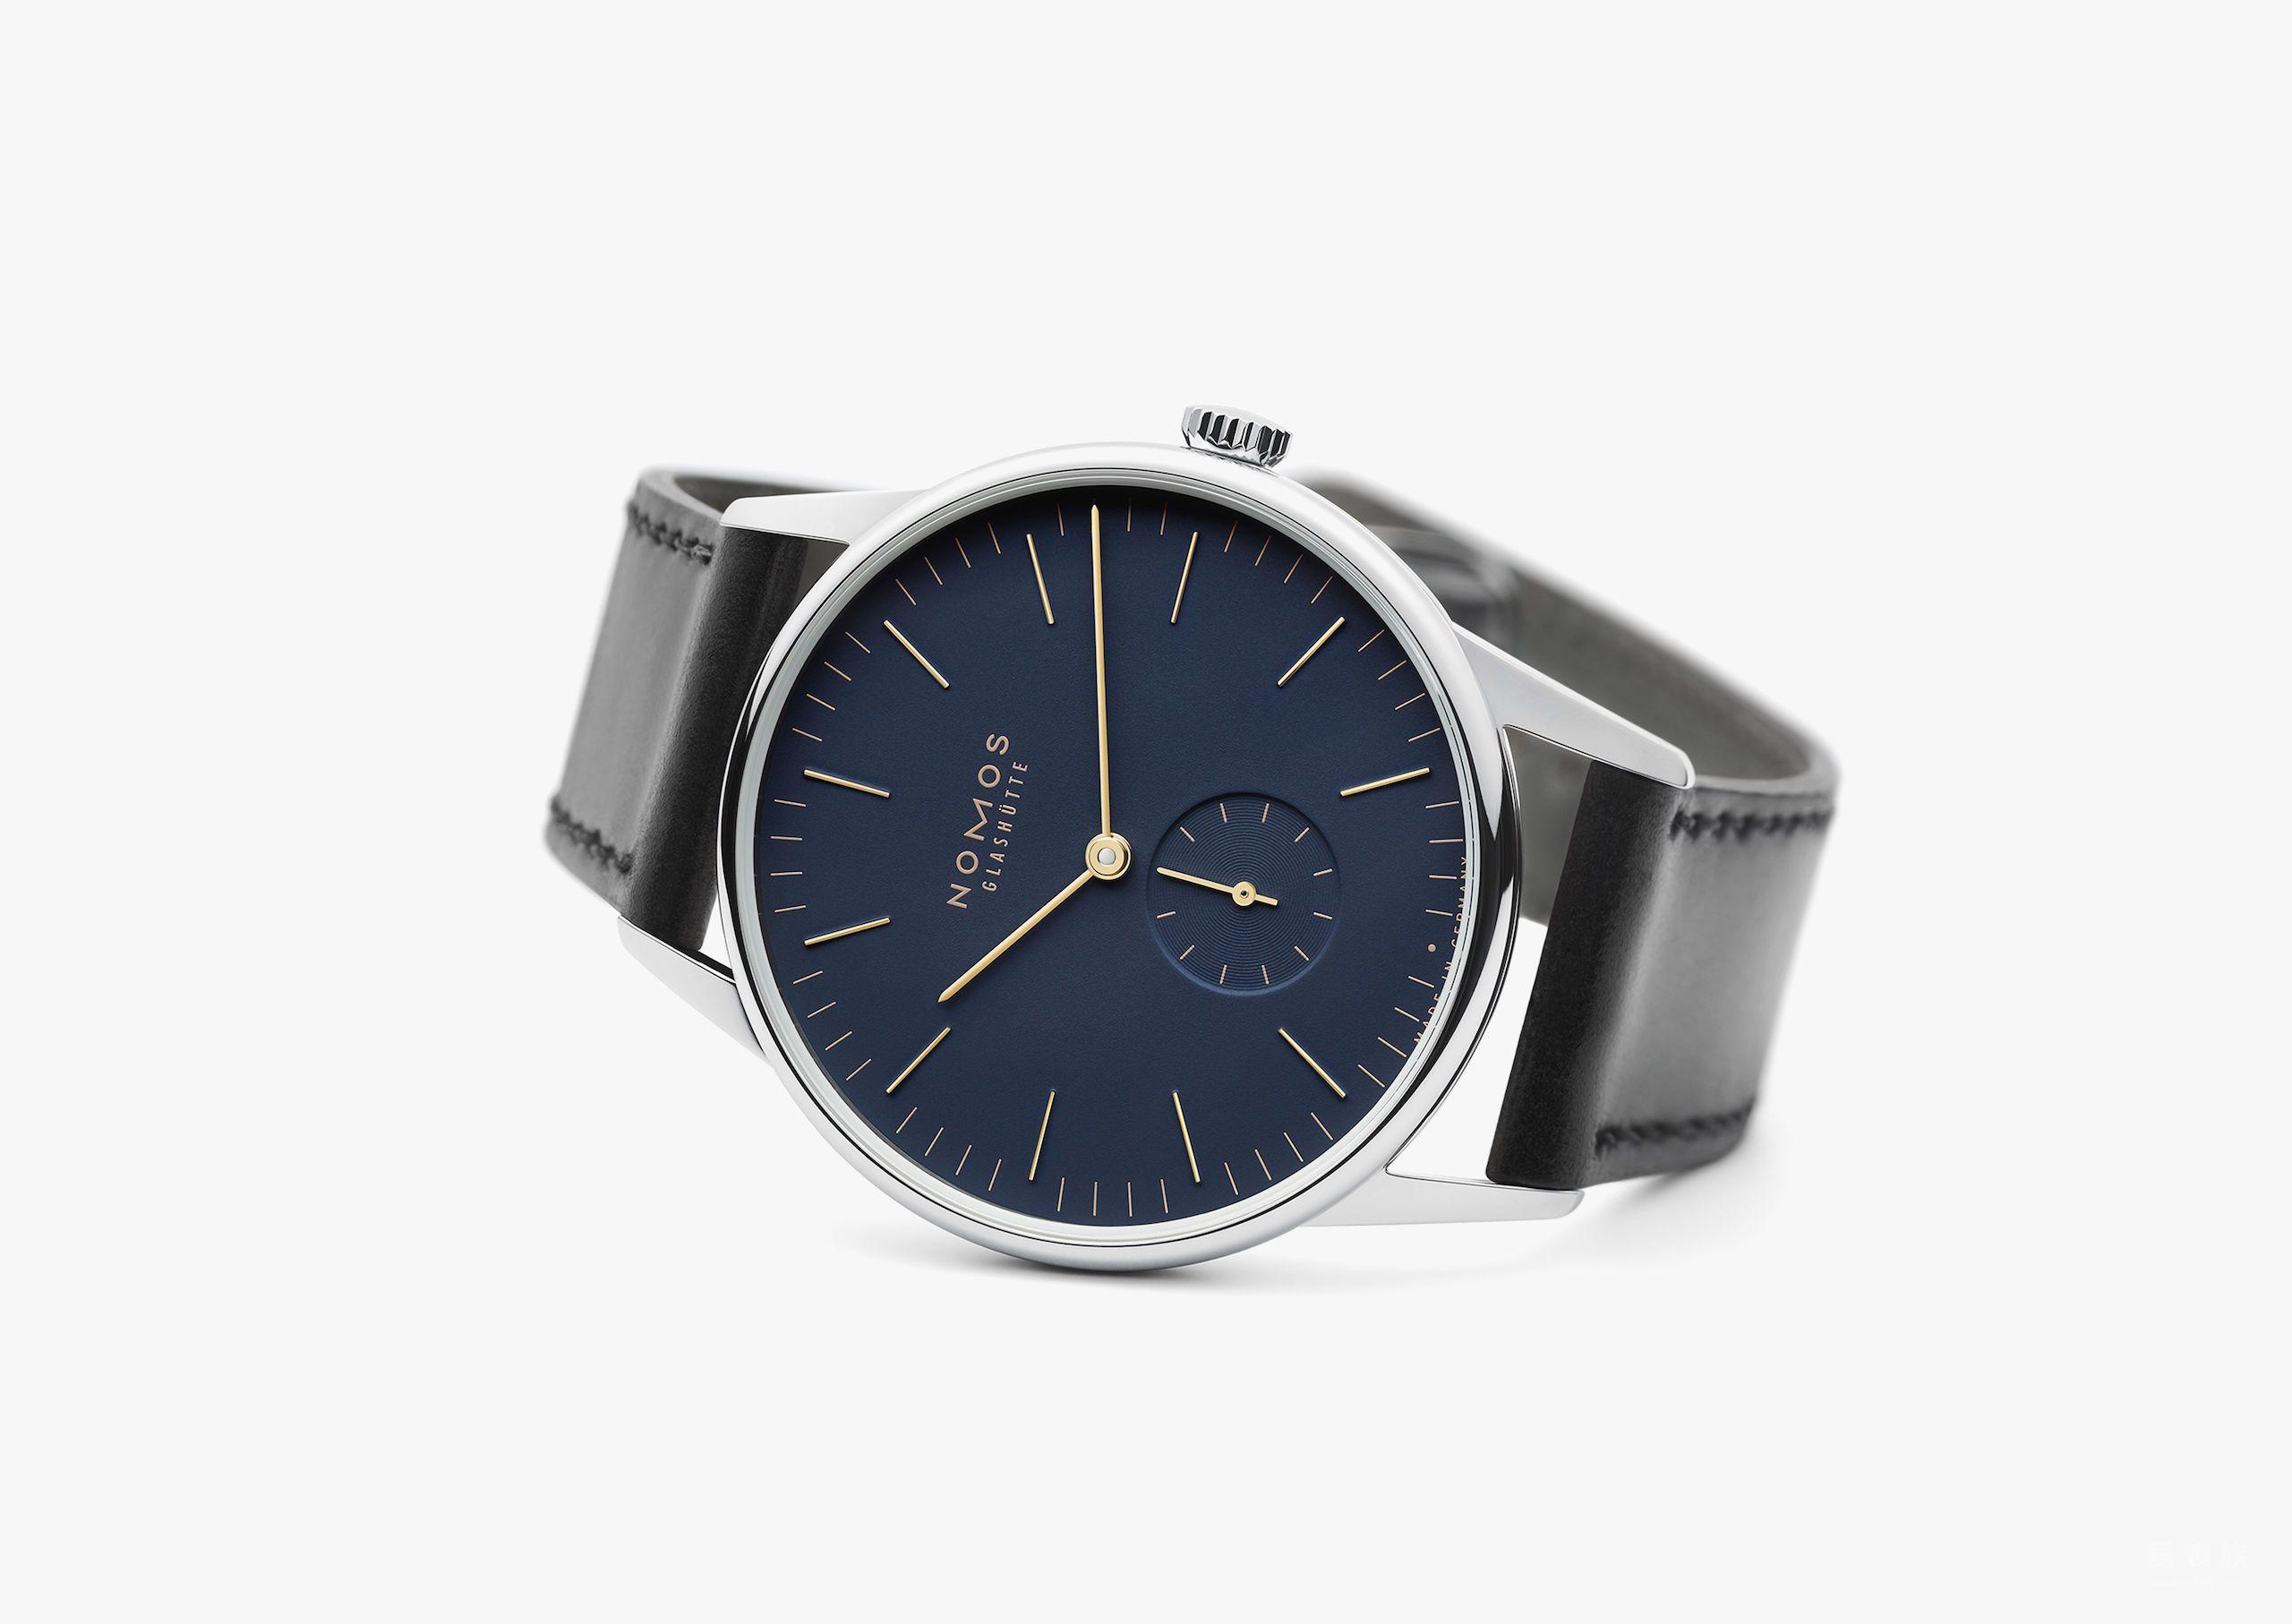 优雅双色调:Orion表款将不锈钢表壳和午夜蓝结合了金色指针与刻度,为较宽的手腕带来一股节庆气息。